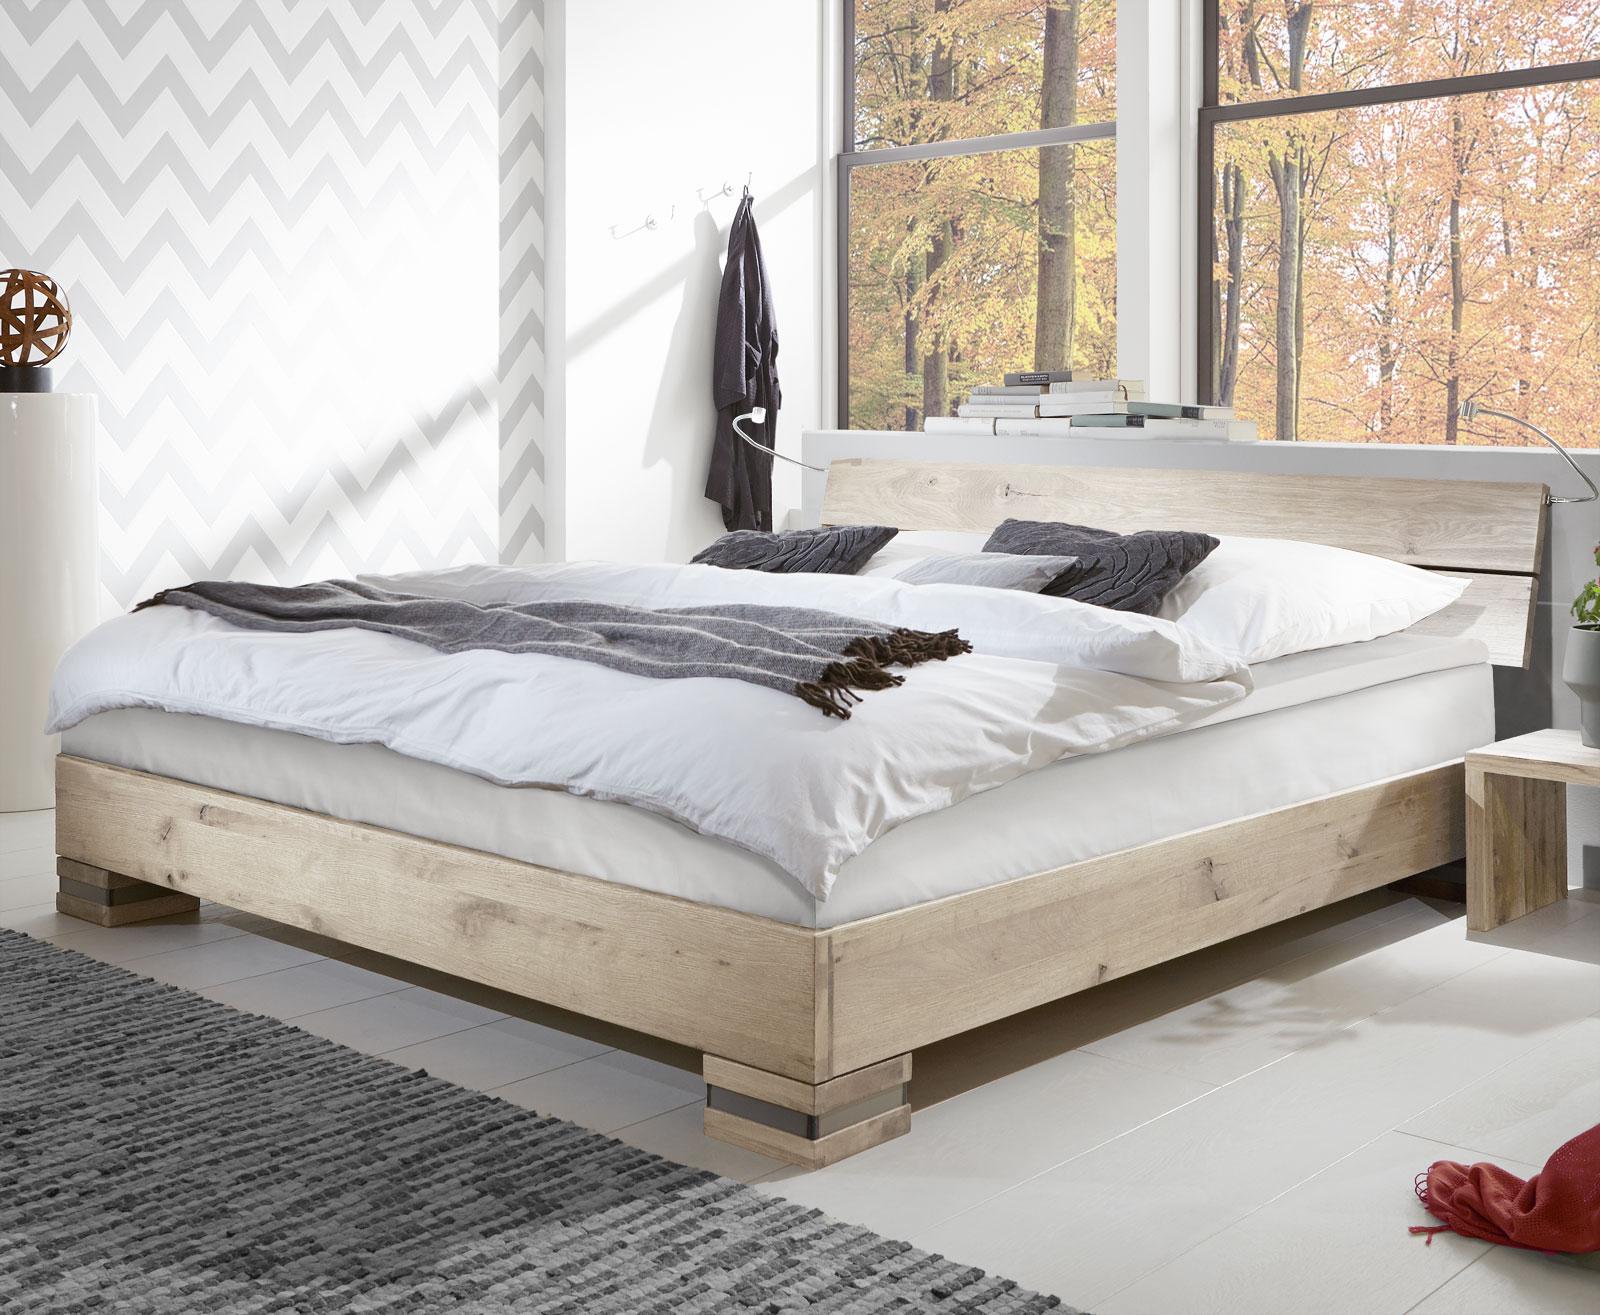 Full Size of Bett 200x200 Weiß Boxspringbett Mexiana Aus Massivholz Schöne Betten Holz 140x200 Minimalistisch Balinesische überlänge Kleines Regal Günstig Bad Bett Bett 200x200 Weiß